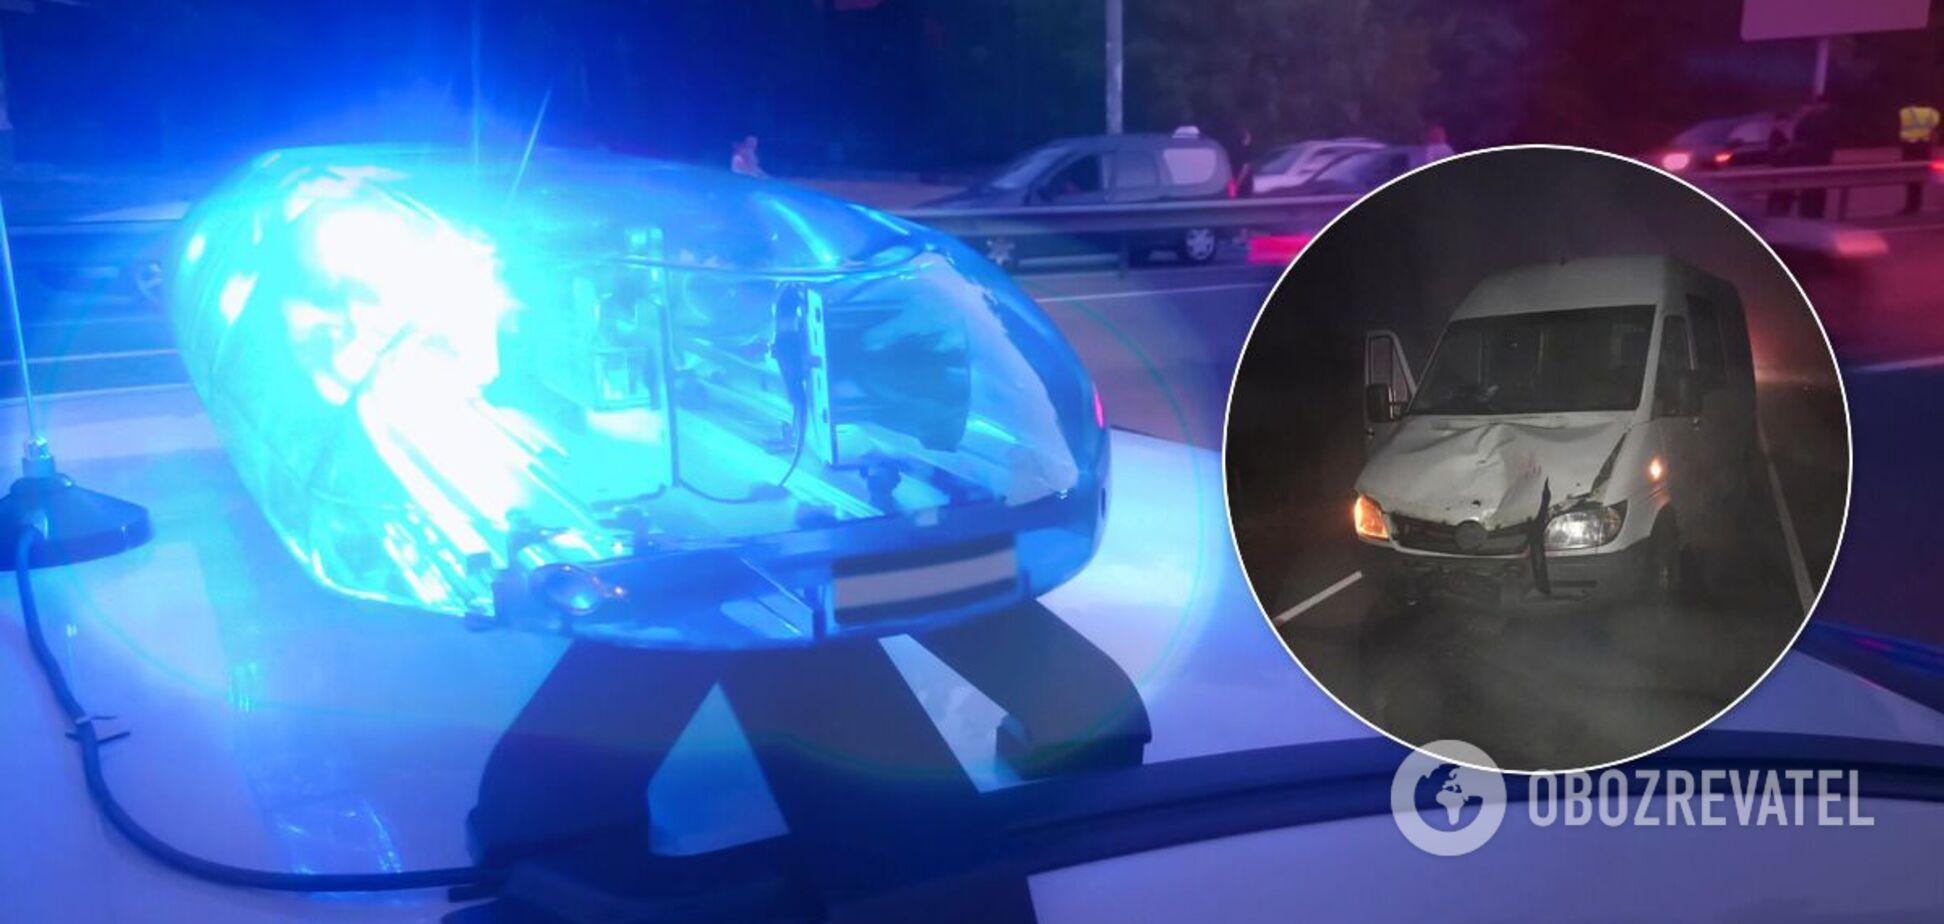 Поліція відкрила кримінальне провадження за фактом аварії